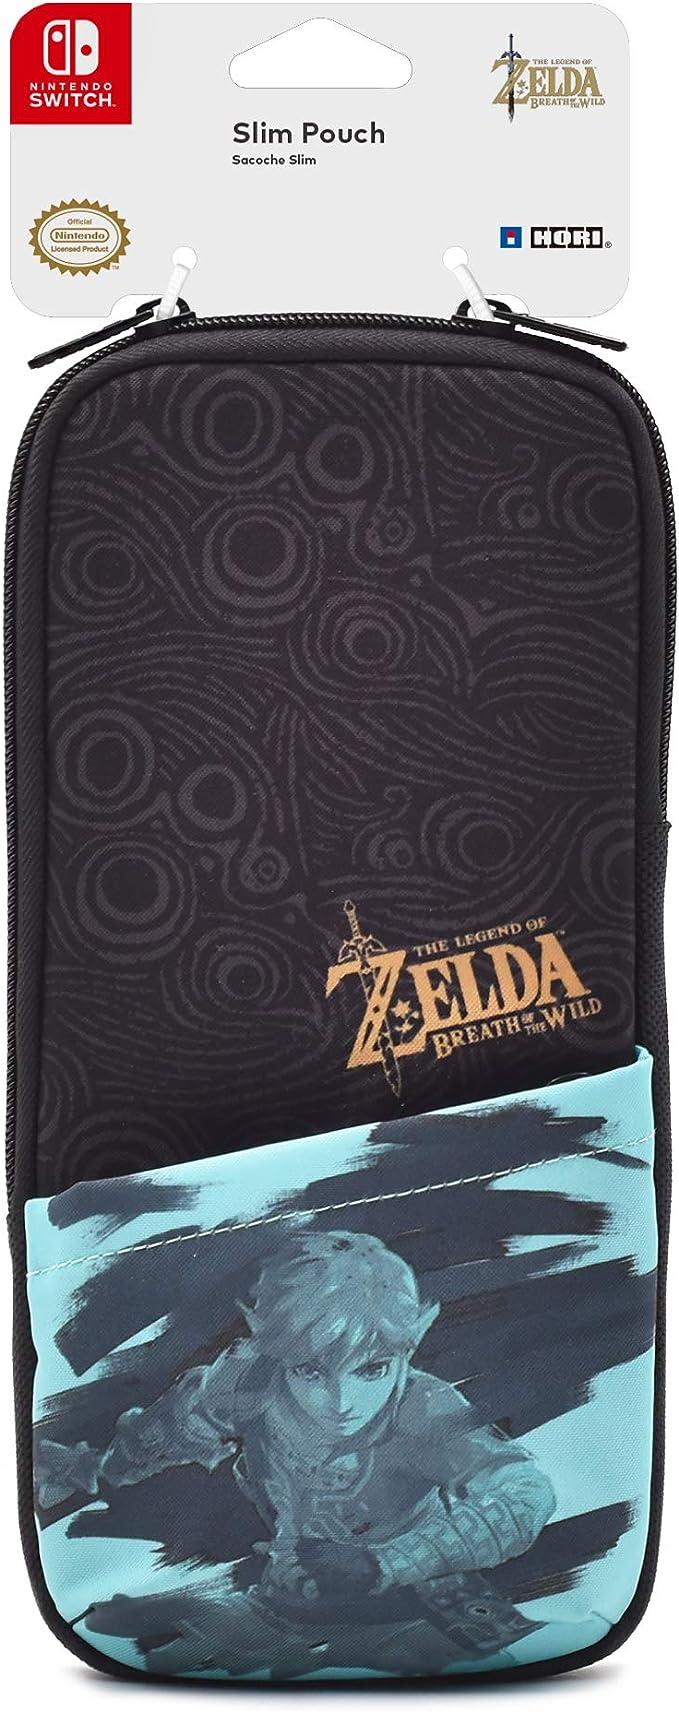 Hori - Funda compacta Zelda Breath of the Wild (Nintendo Switch): Amazon.es: Videojuegos